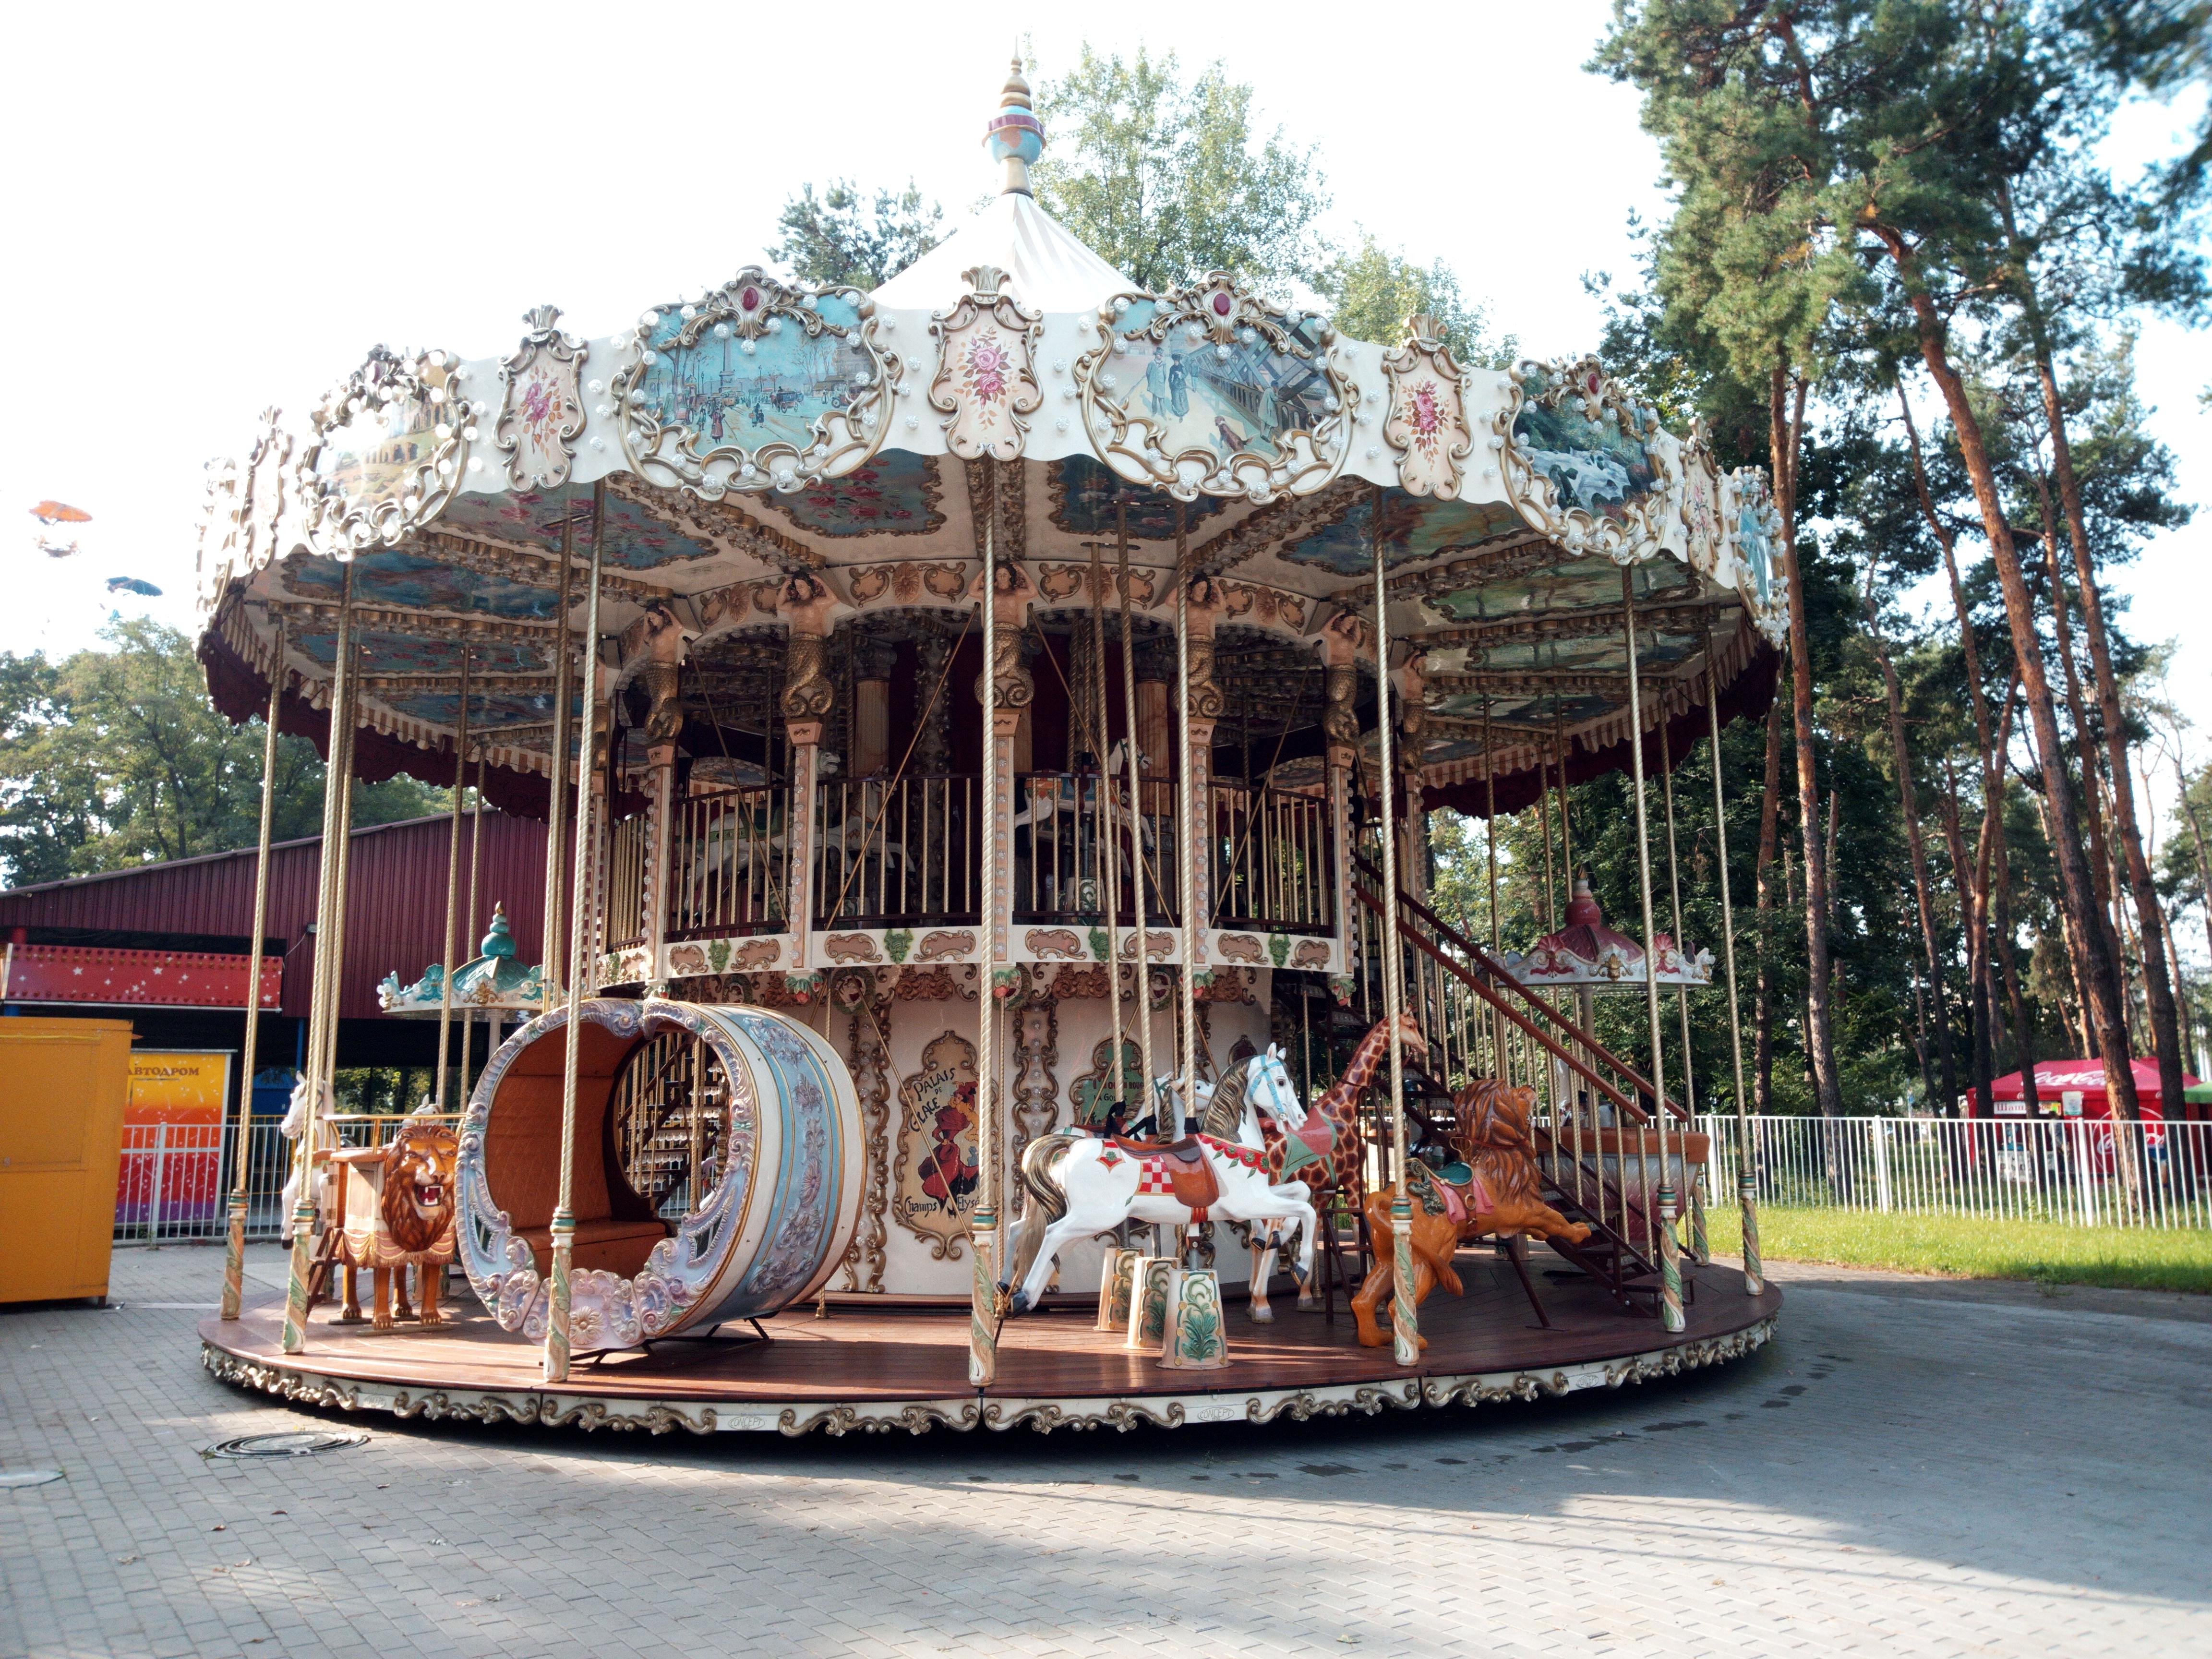 d0d9dd40869 εικονεσ : πάρκο, στροβιλοδρόμιο, διασκέδαση, καμπίνα, παιδιά ...